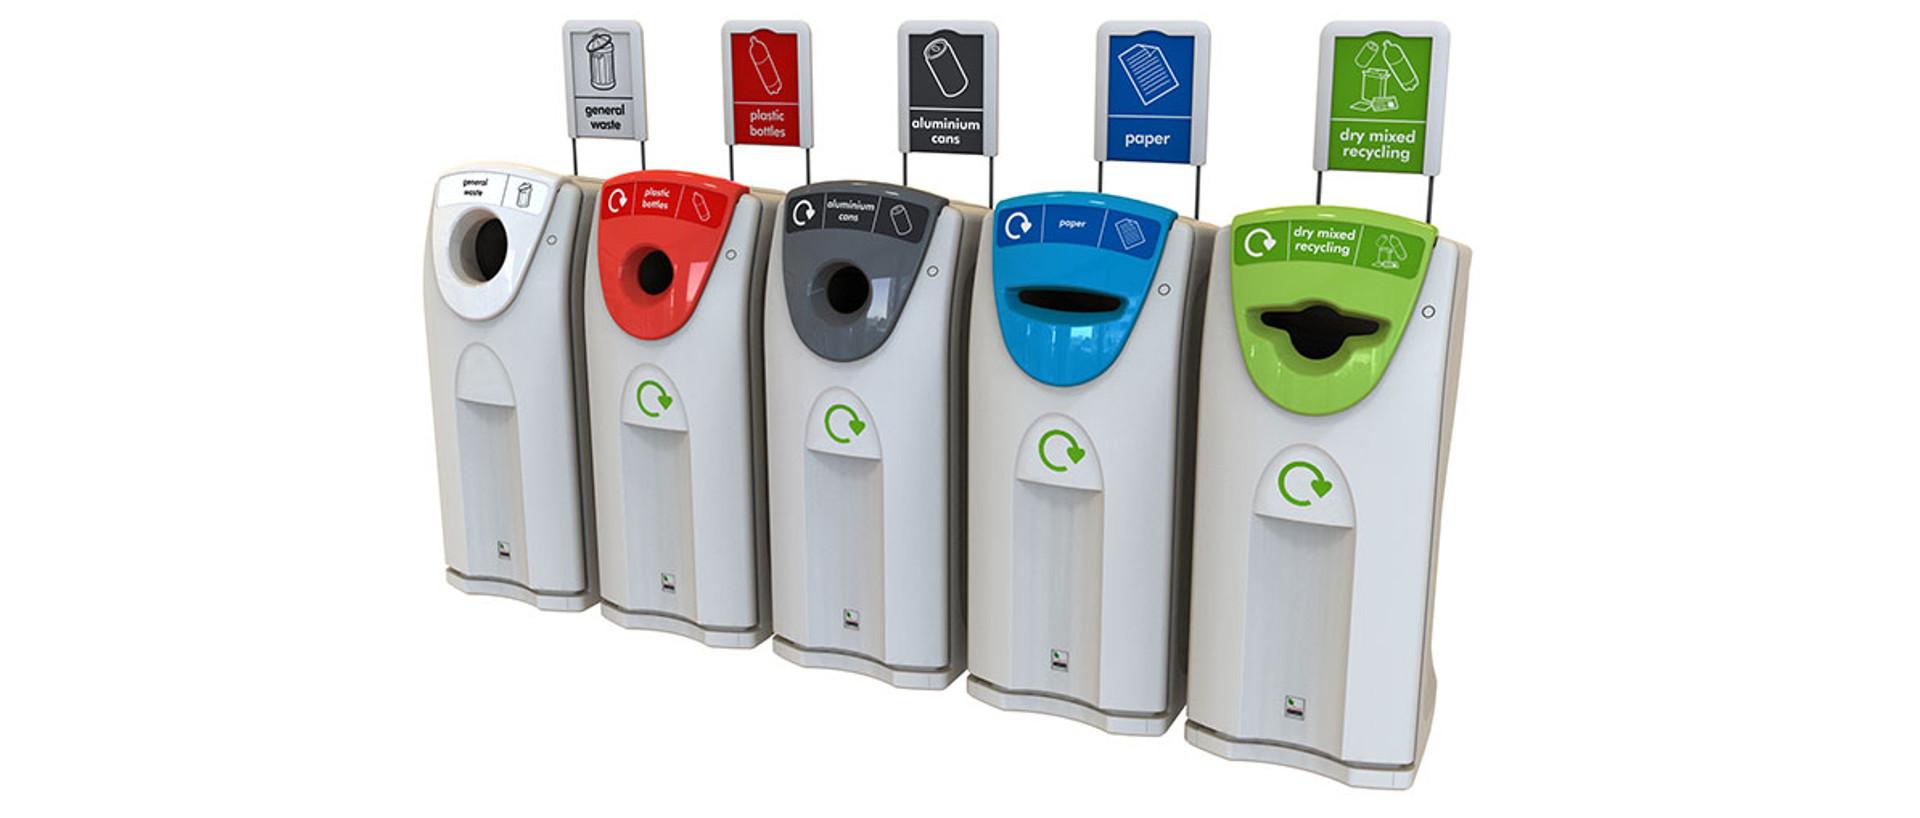 Leafield Recycling Bins